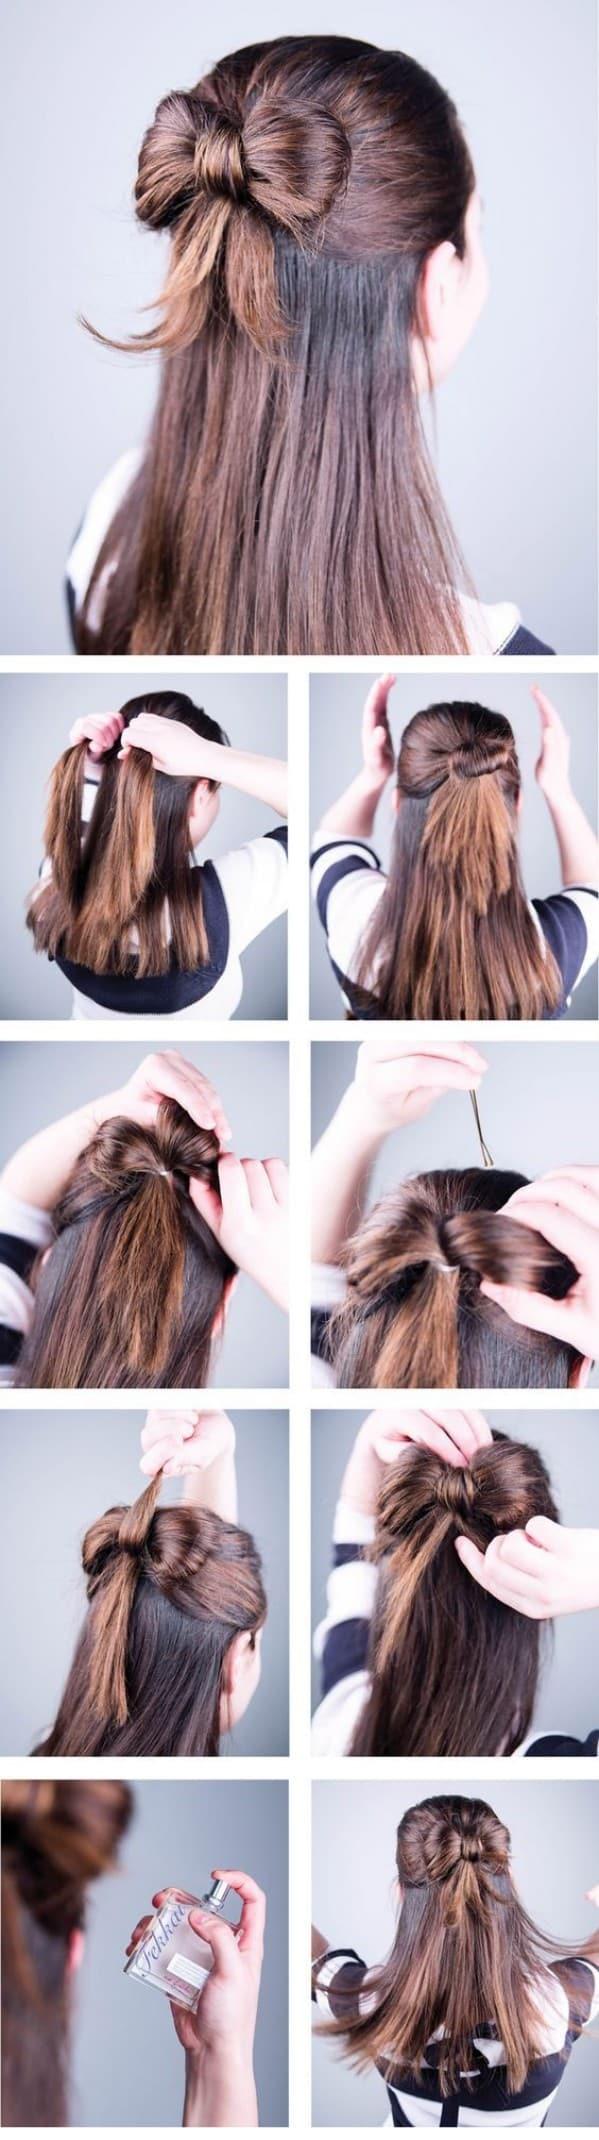 peinado con moo en la parte trasera - Peinados Fciles